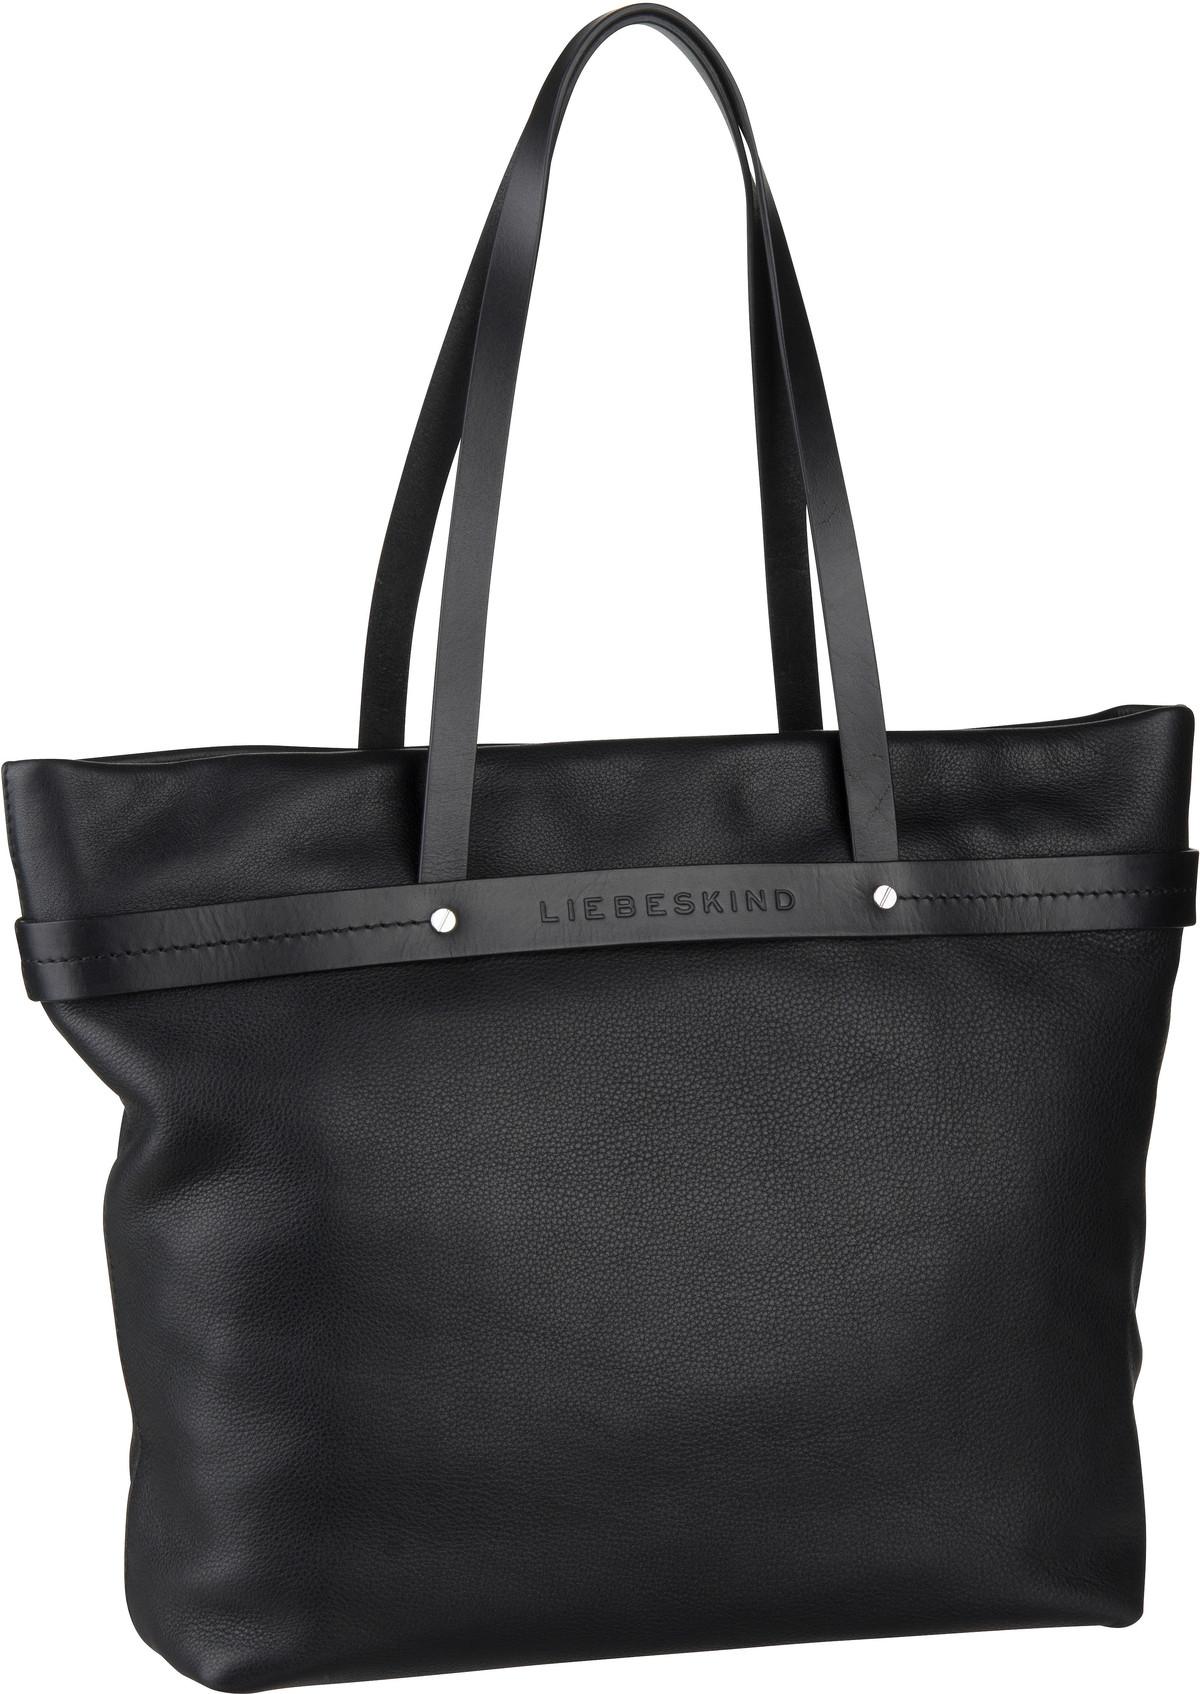 Shopper für Frauen - Liebeskind Berlin Shopper SoShopper Shopper L Black  - Onlineshop Taschenkaufhaus